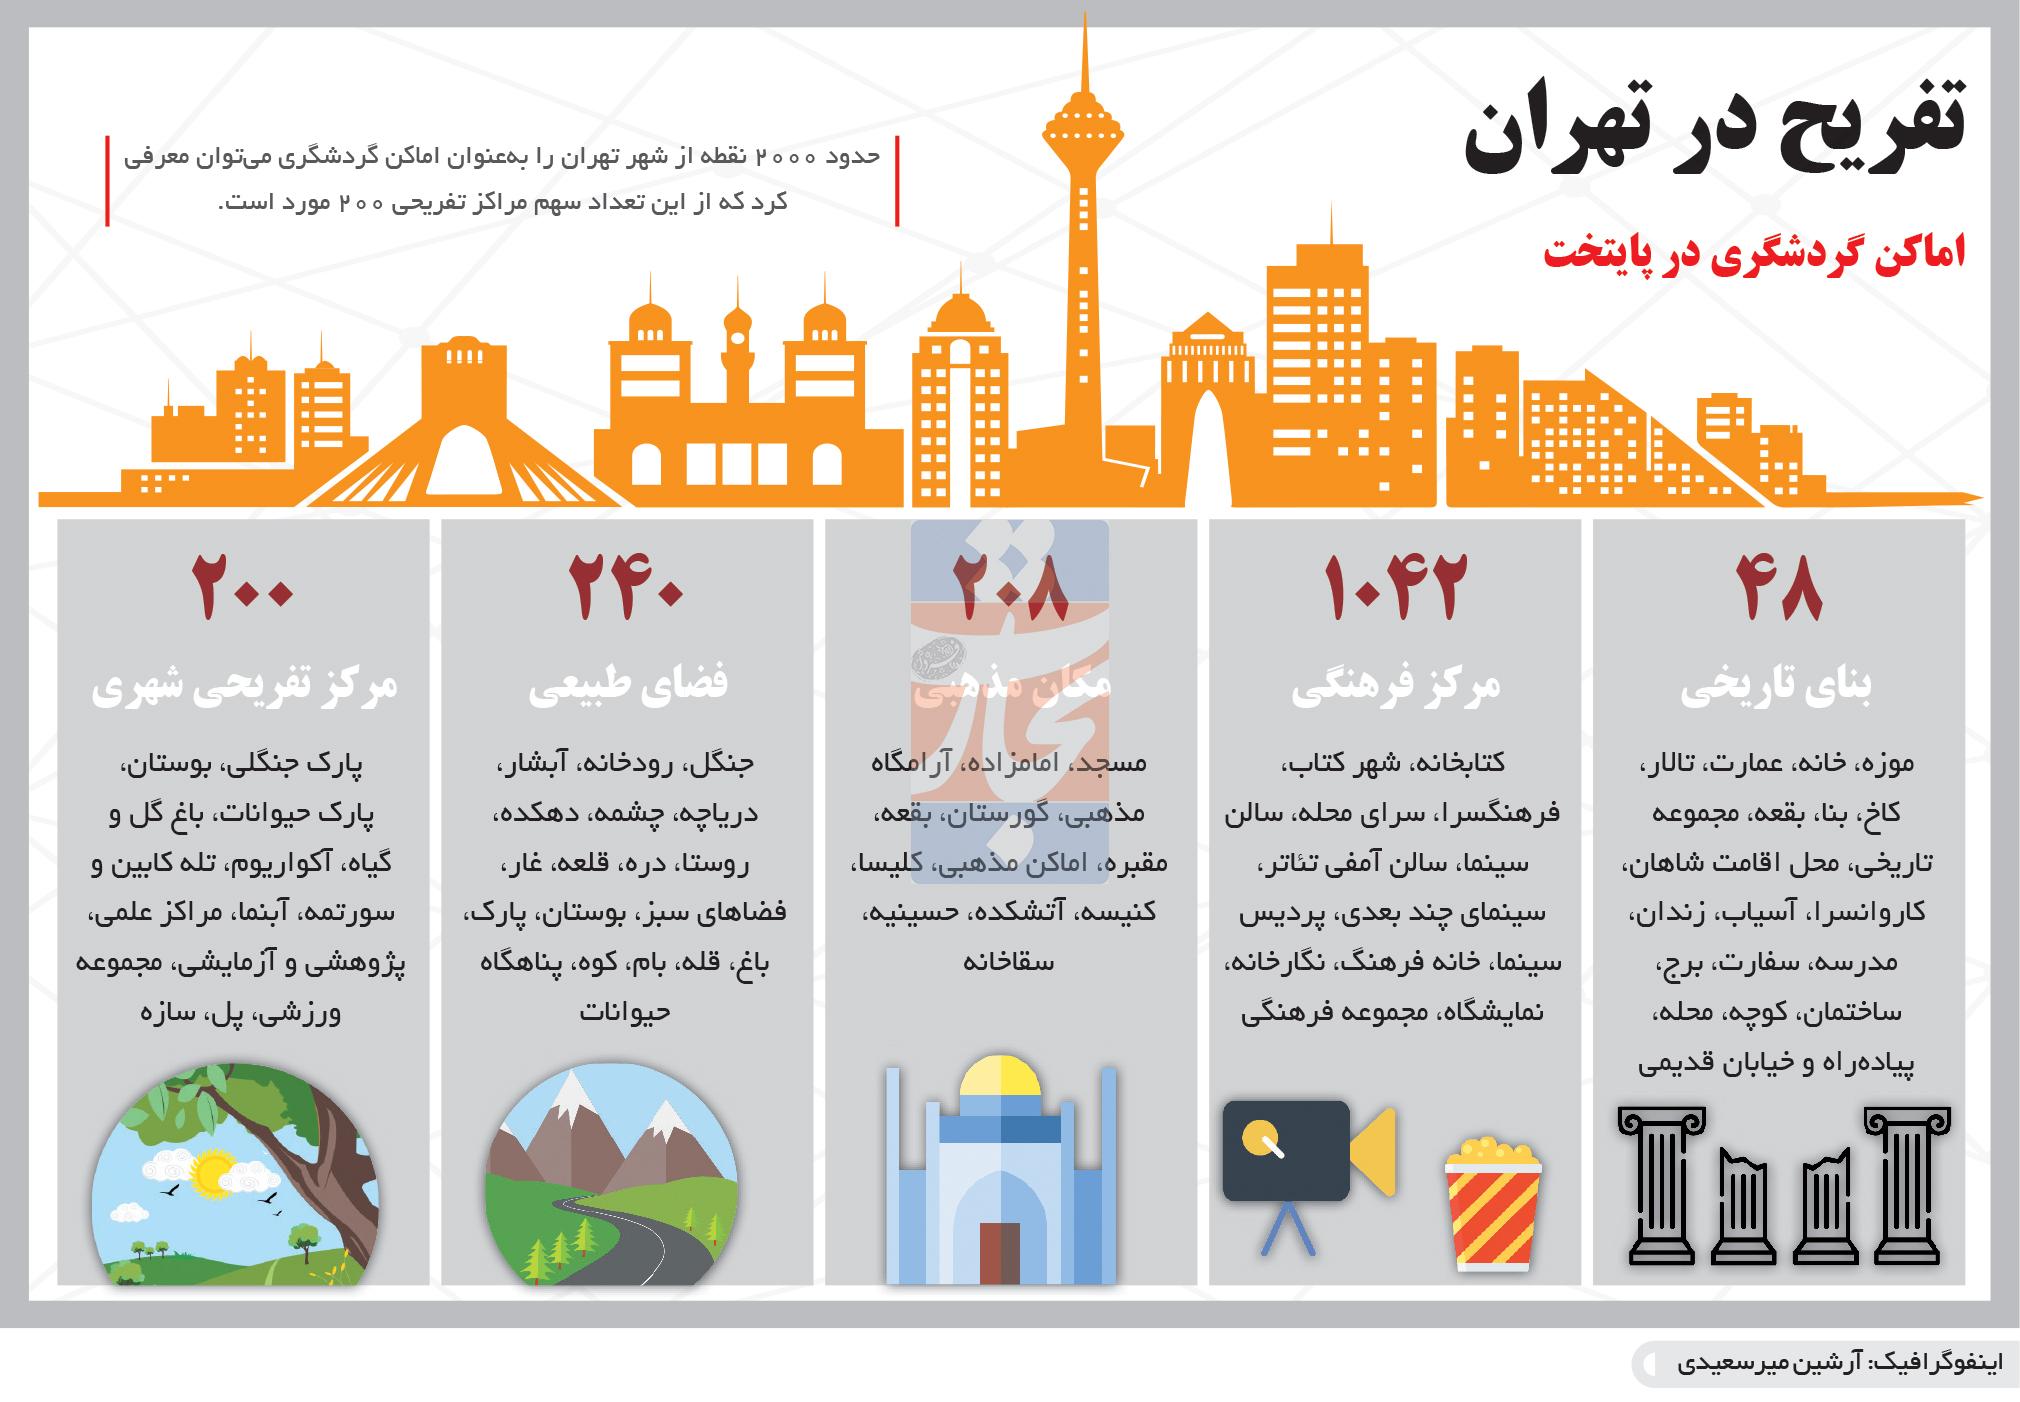 تجارت- فردا- تفریح در تهران(اینفوگرافیک)